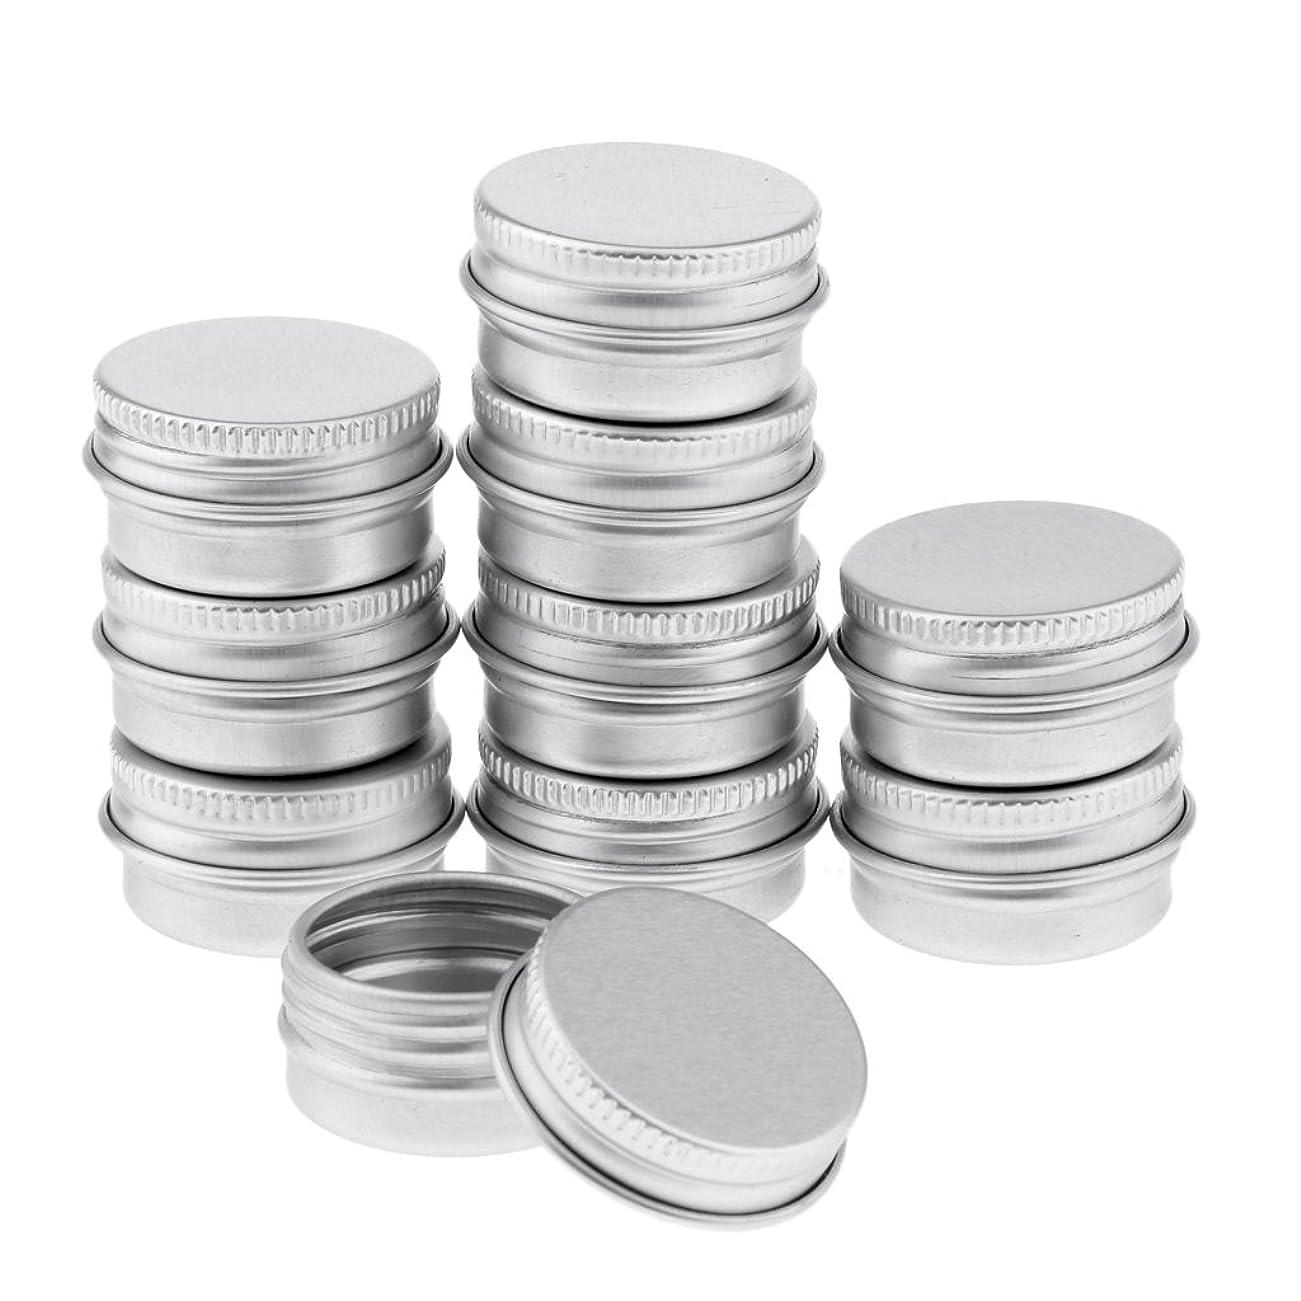 支出セットする傭兵Blesiya 10個 アルミ製 コスメ 詰替え 容器 空缶 スクリュー蓋付き 容器 ジャー トップラウンド 約5g